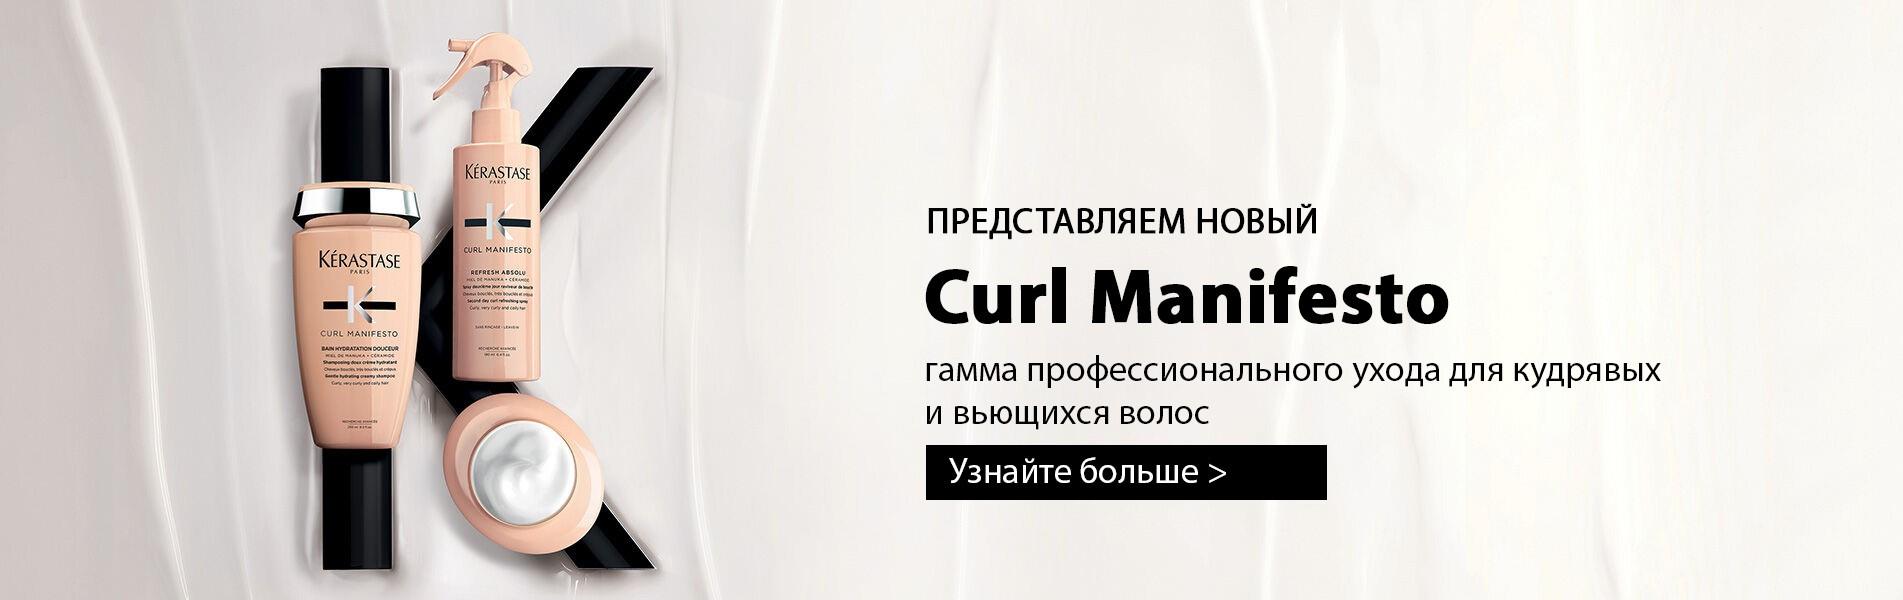 Представляем новый Kerastase Curl Manifesto для кудрявых и вьющихся волос!